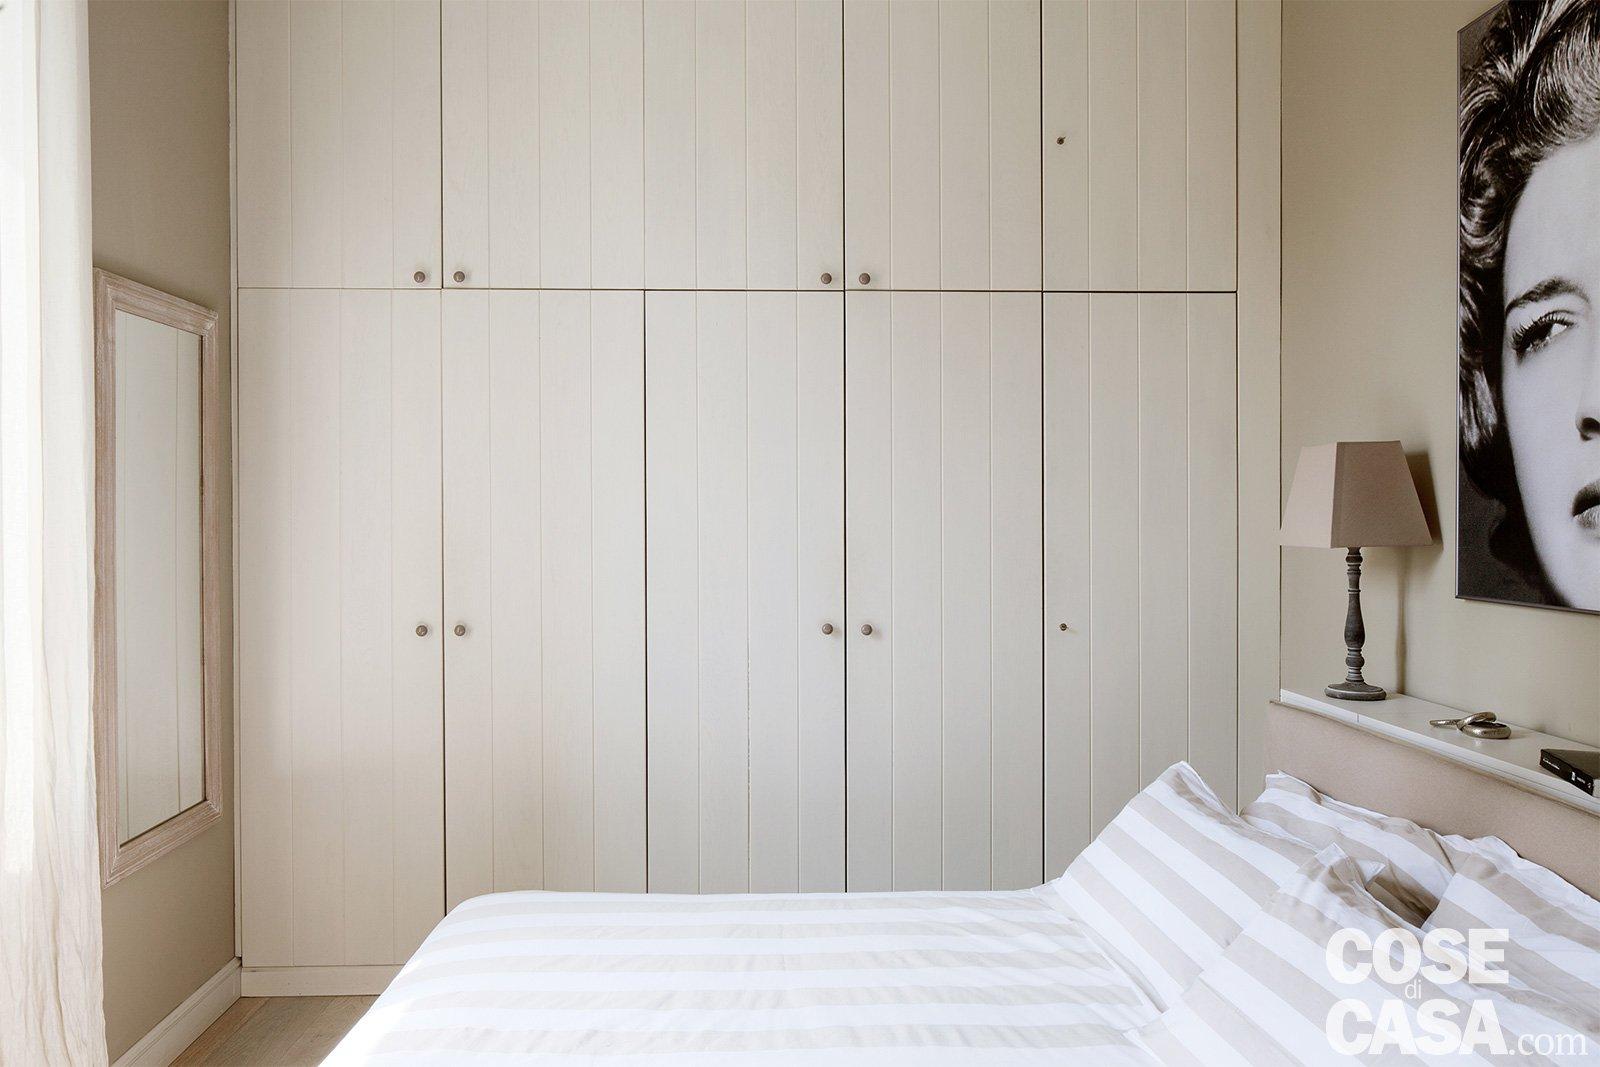 Arredare Casa Al Mare Shabby : Bilocale di mq mini spazi ben sfruttati nella casa con tanta